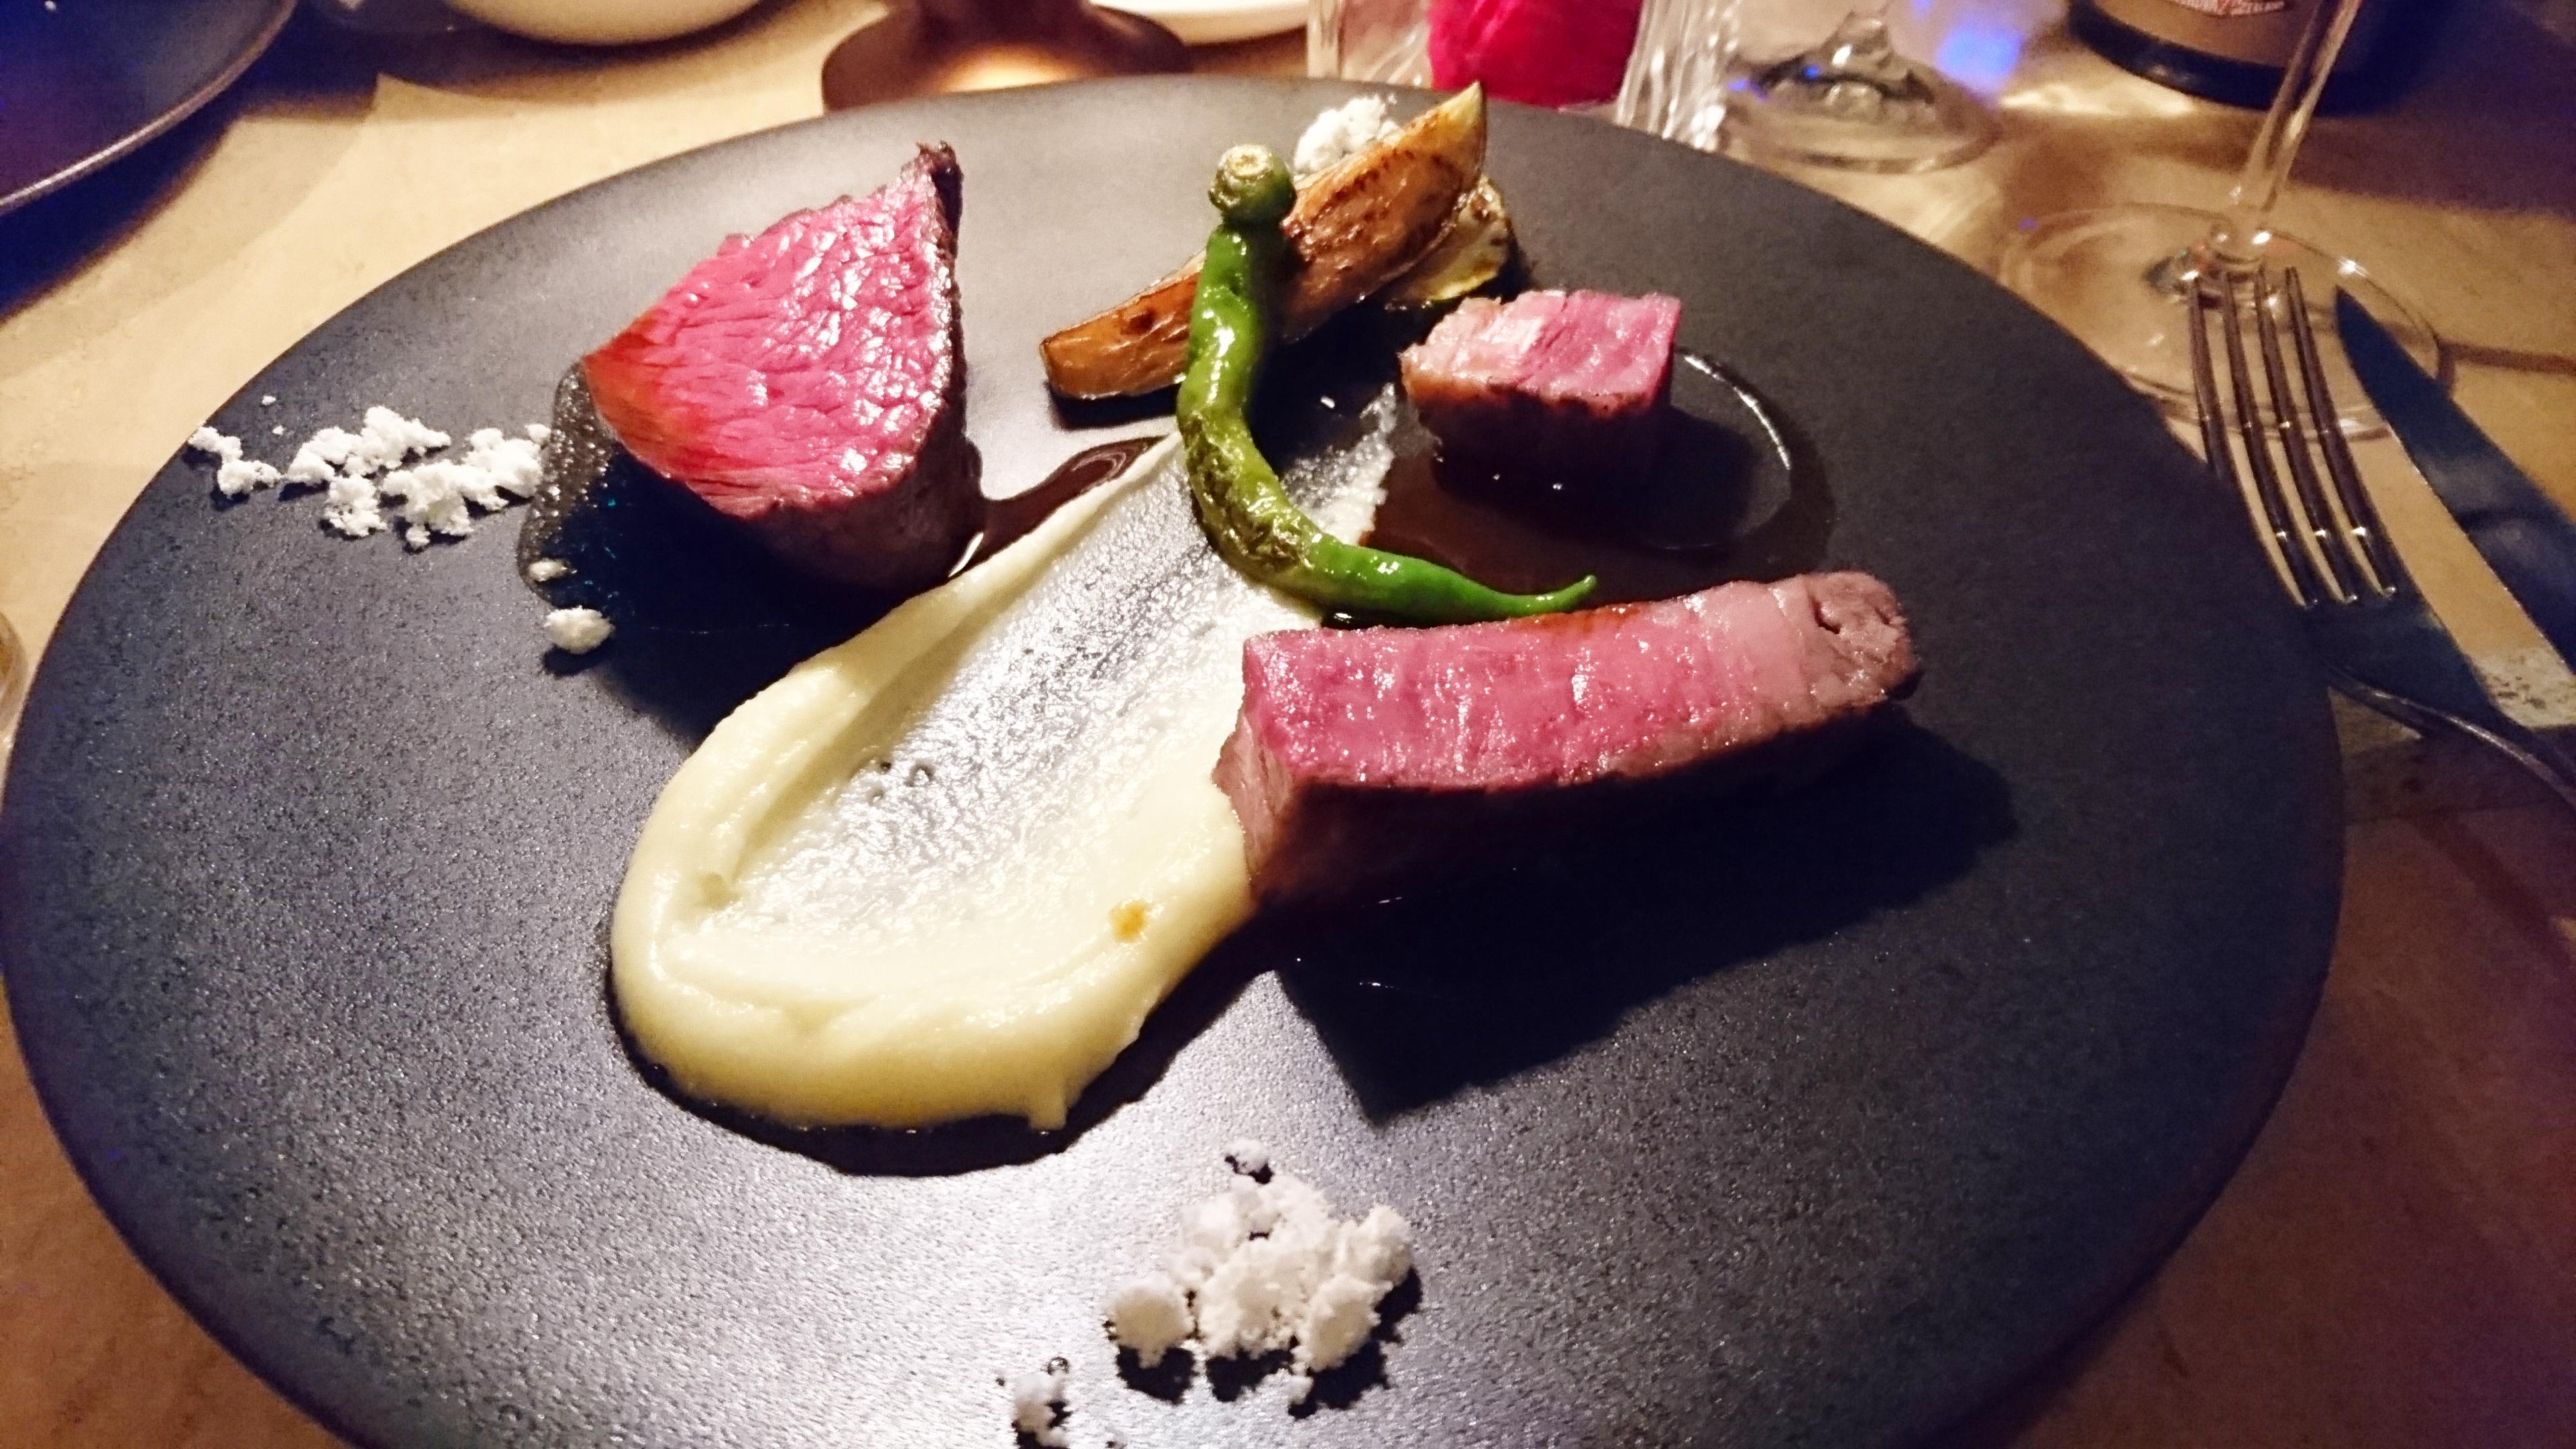 東京ガーデンテラス紀尾井町「NoMad Grill Lounge(ノマドグリルラウンジ)」の熟成肉とシーフードで優勝してきたお話